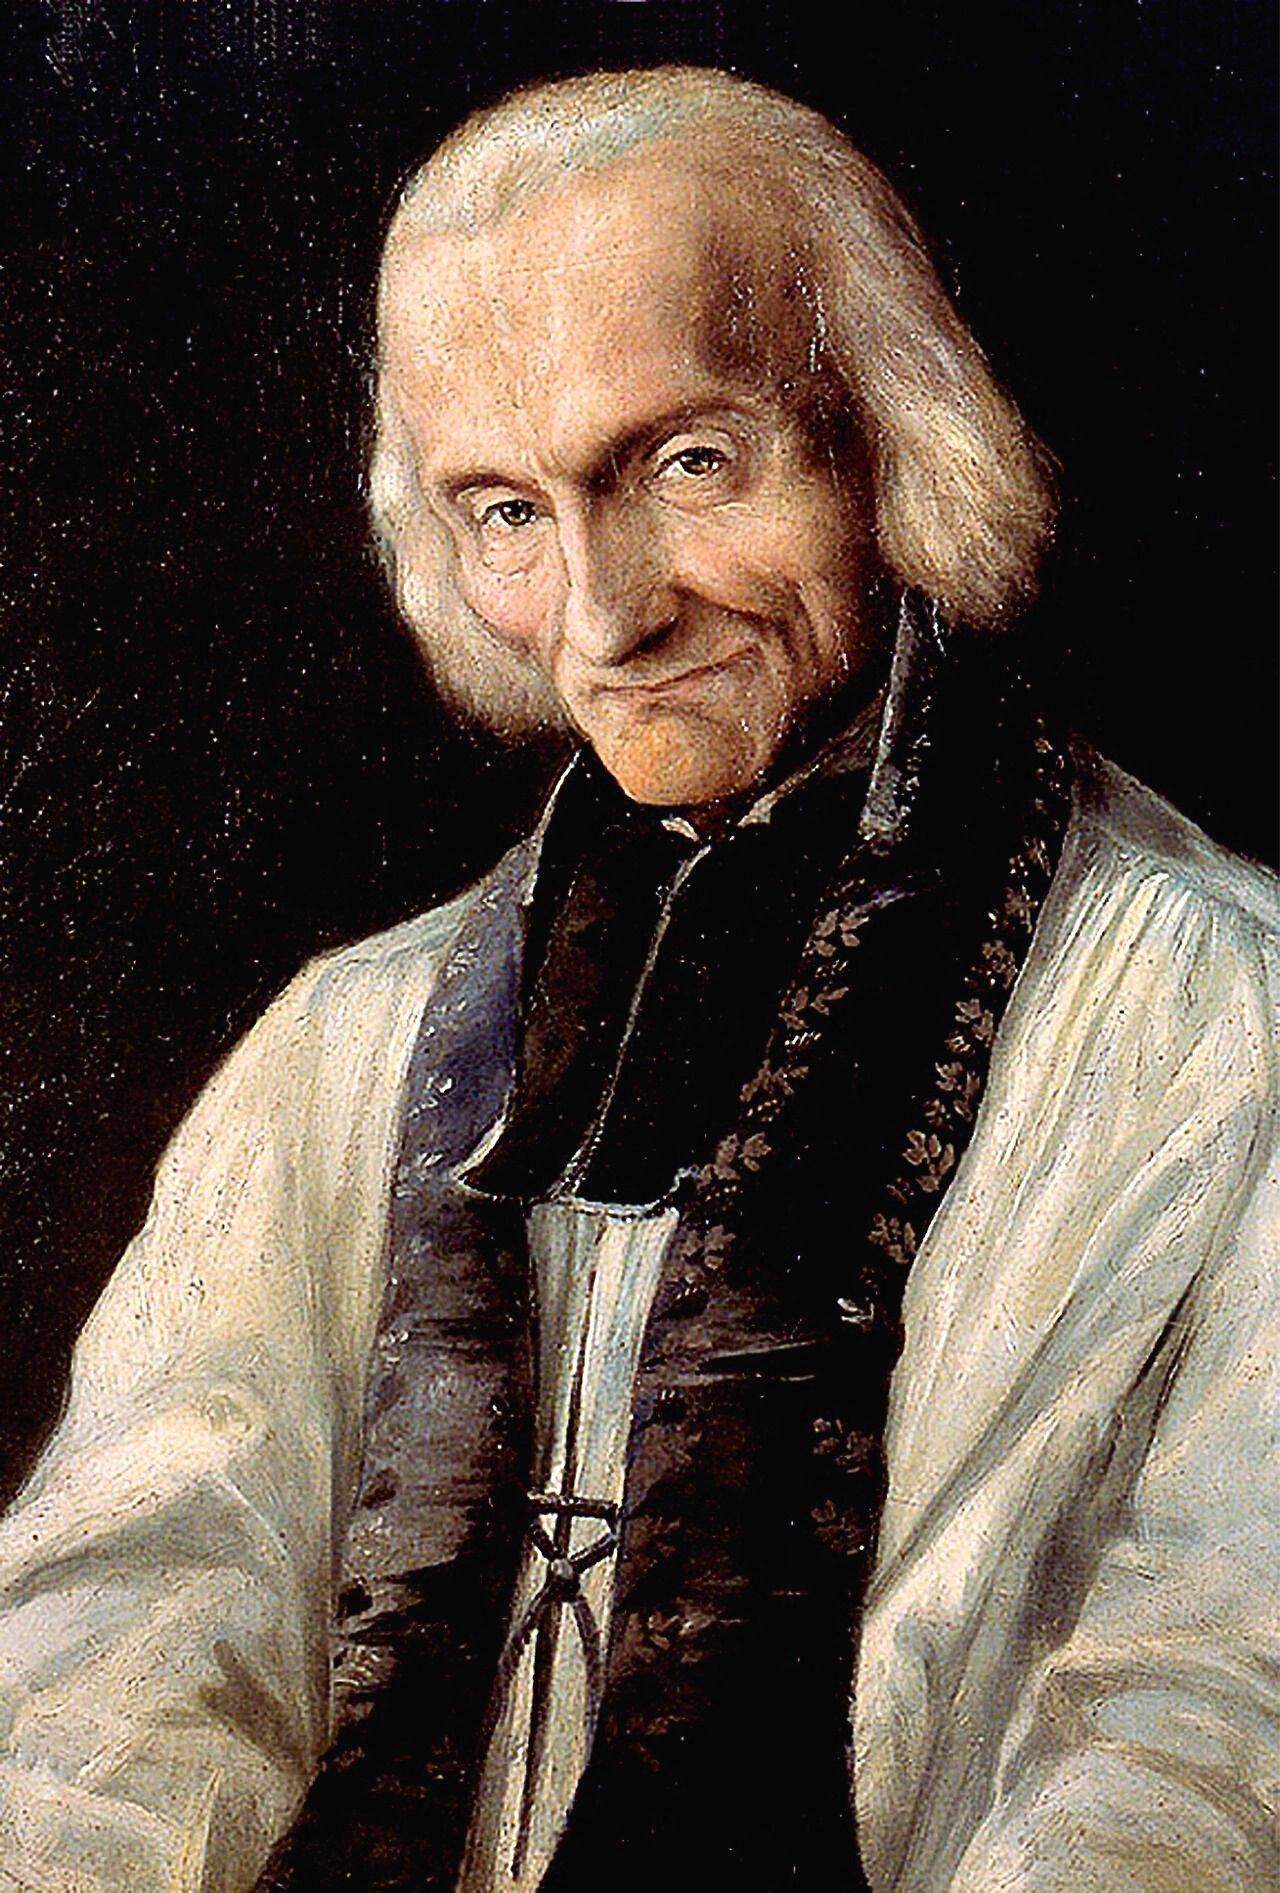 Saint John Marie Vianney